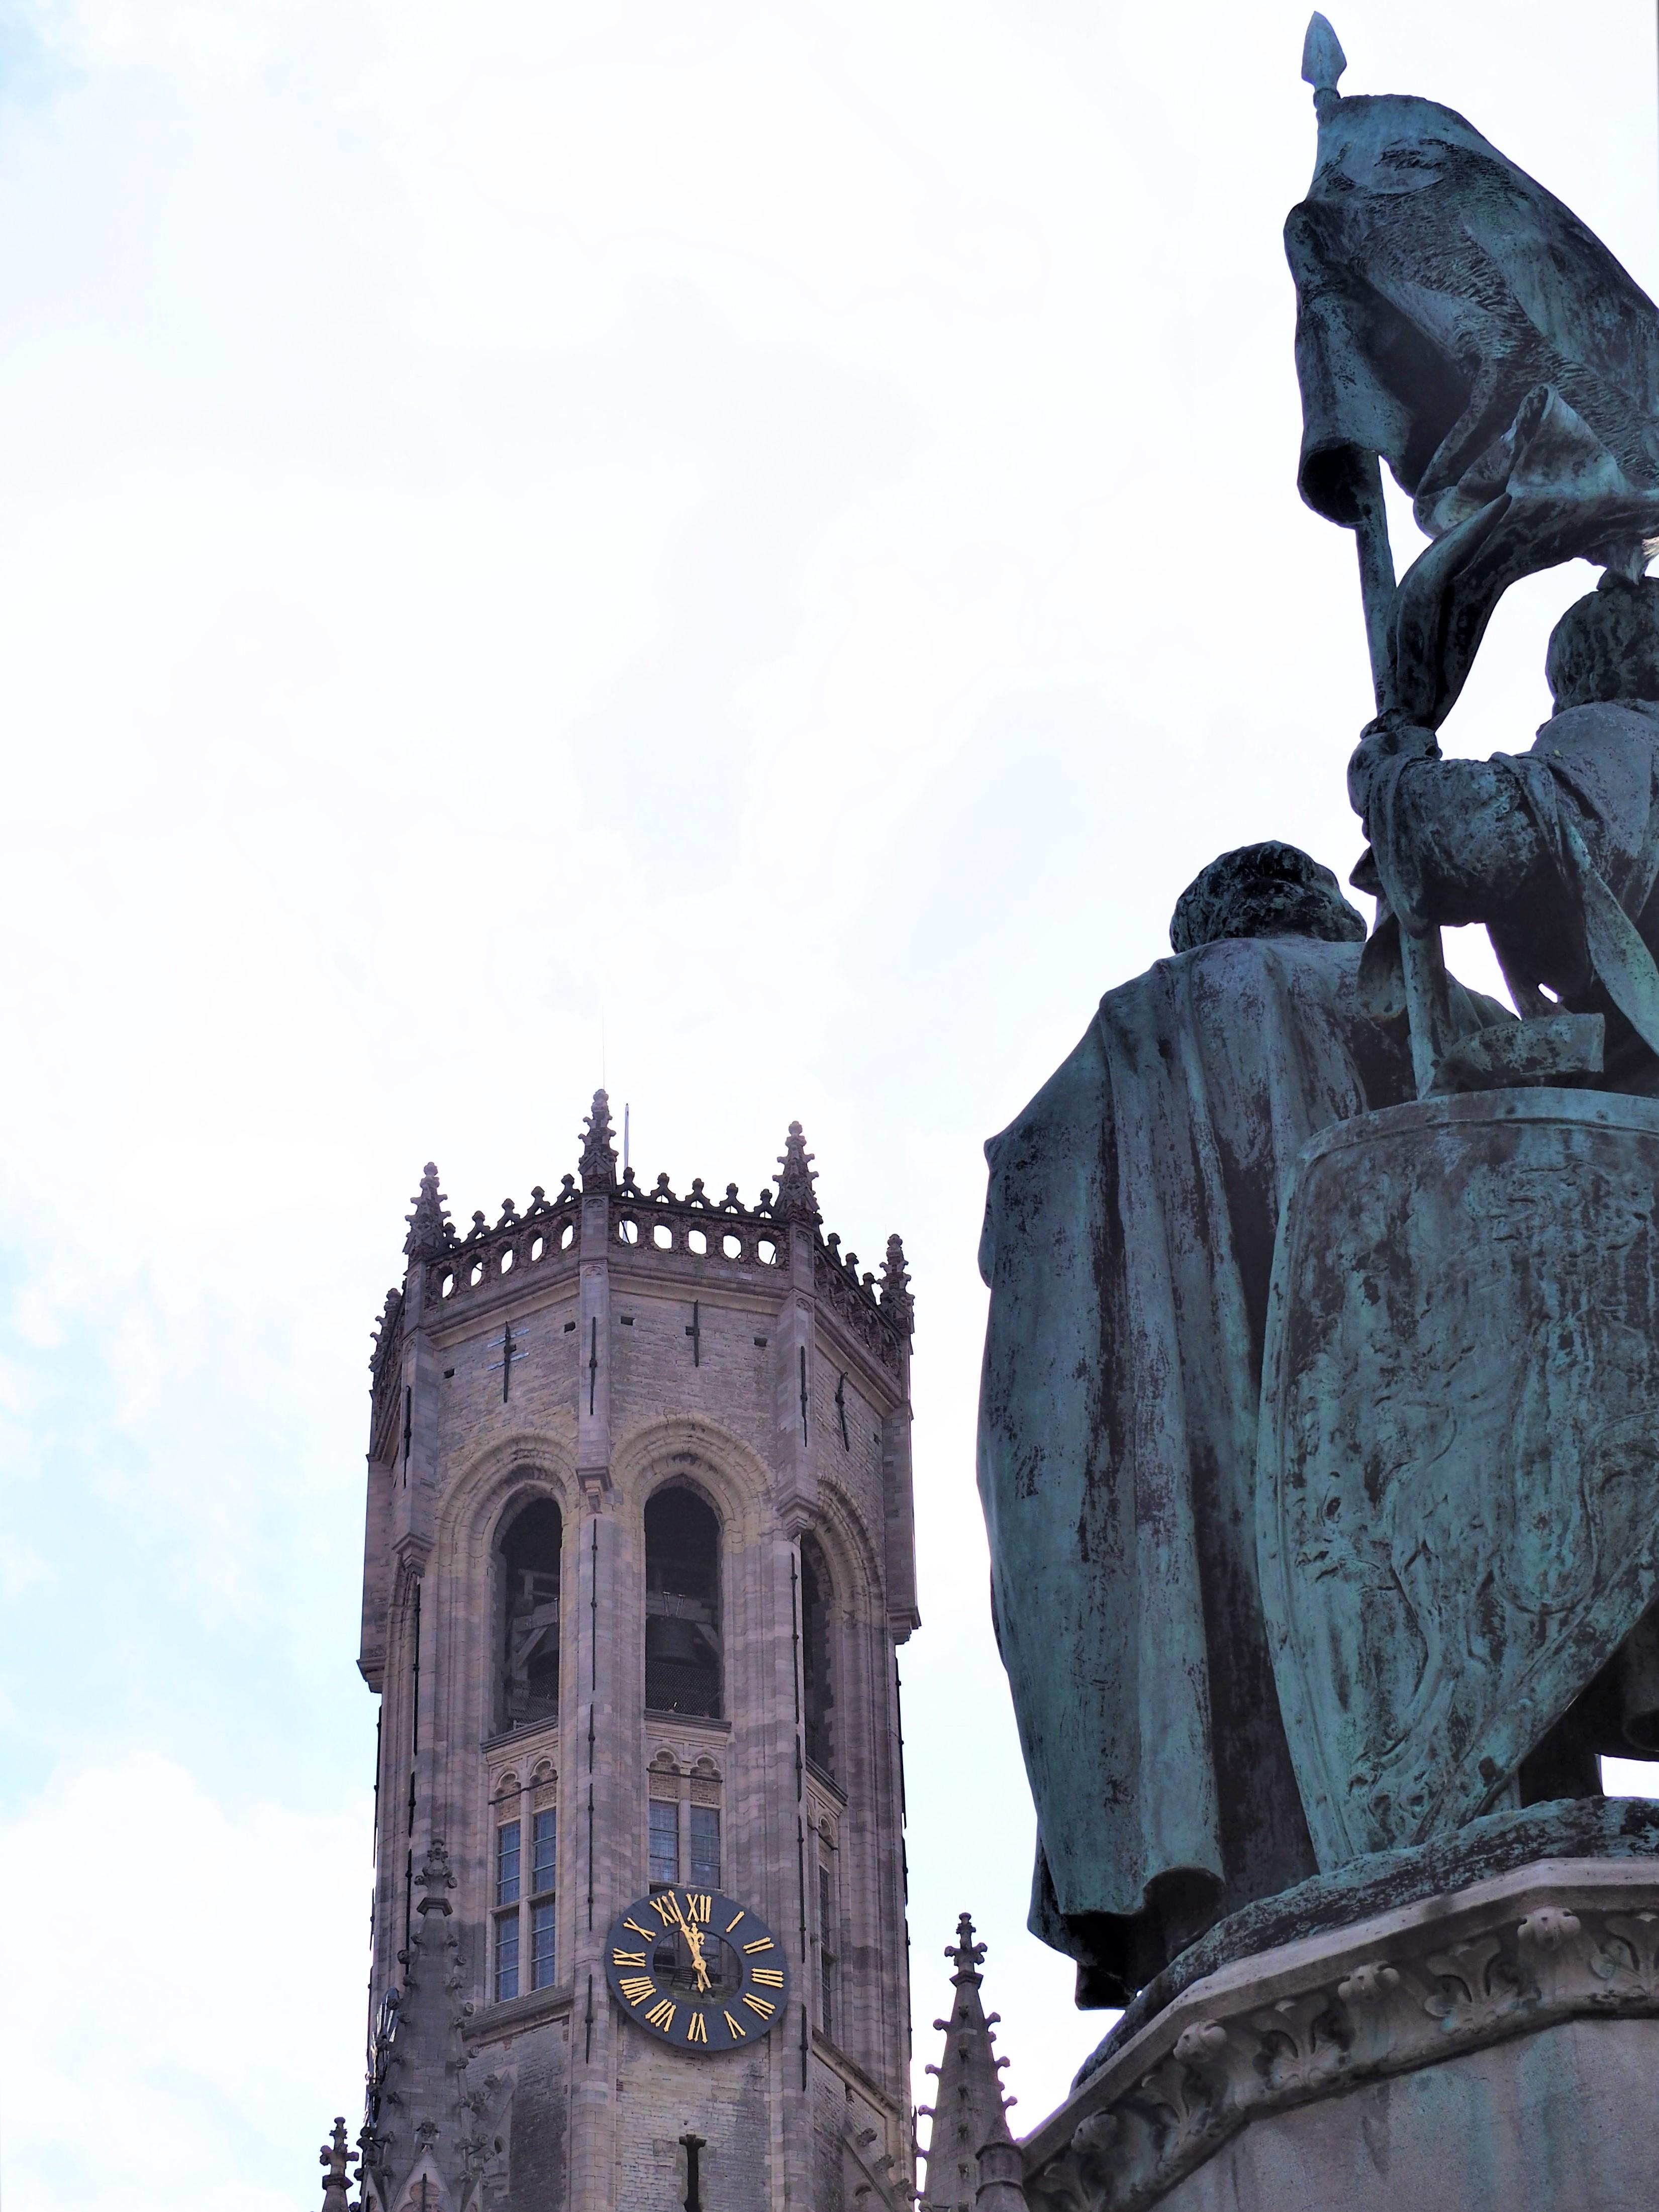 Bruges-Belgique-Blog-voyage-Clioandcode-Bruges-Beffroi